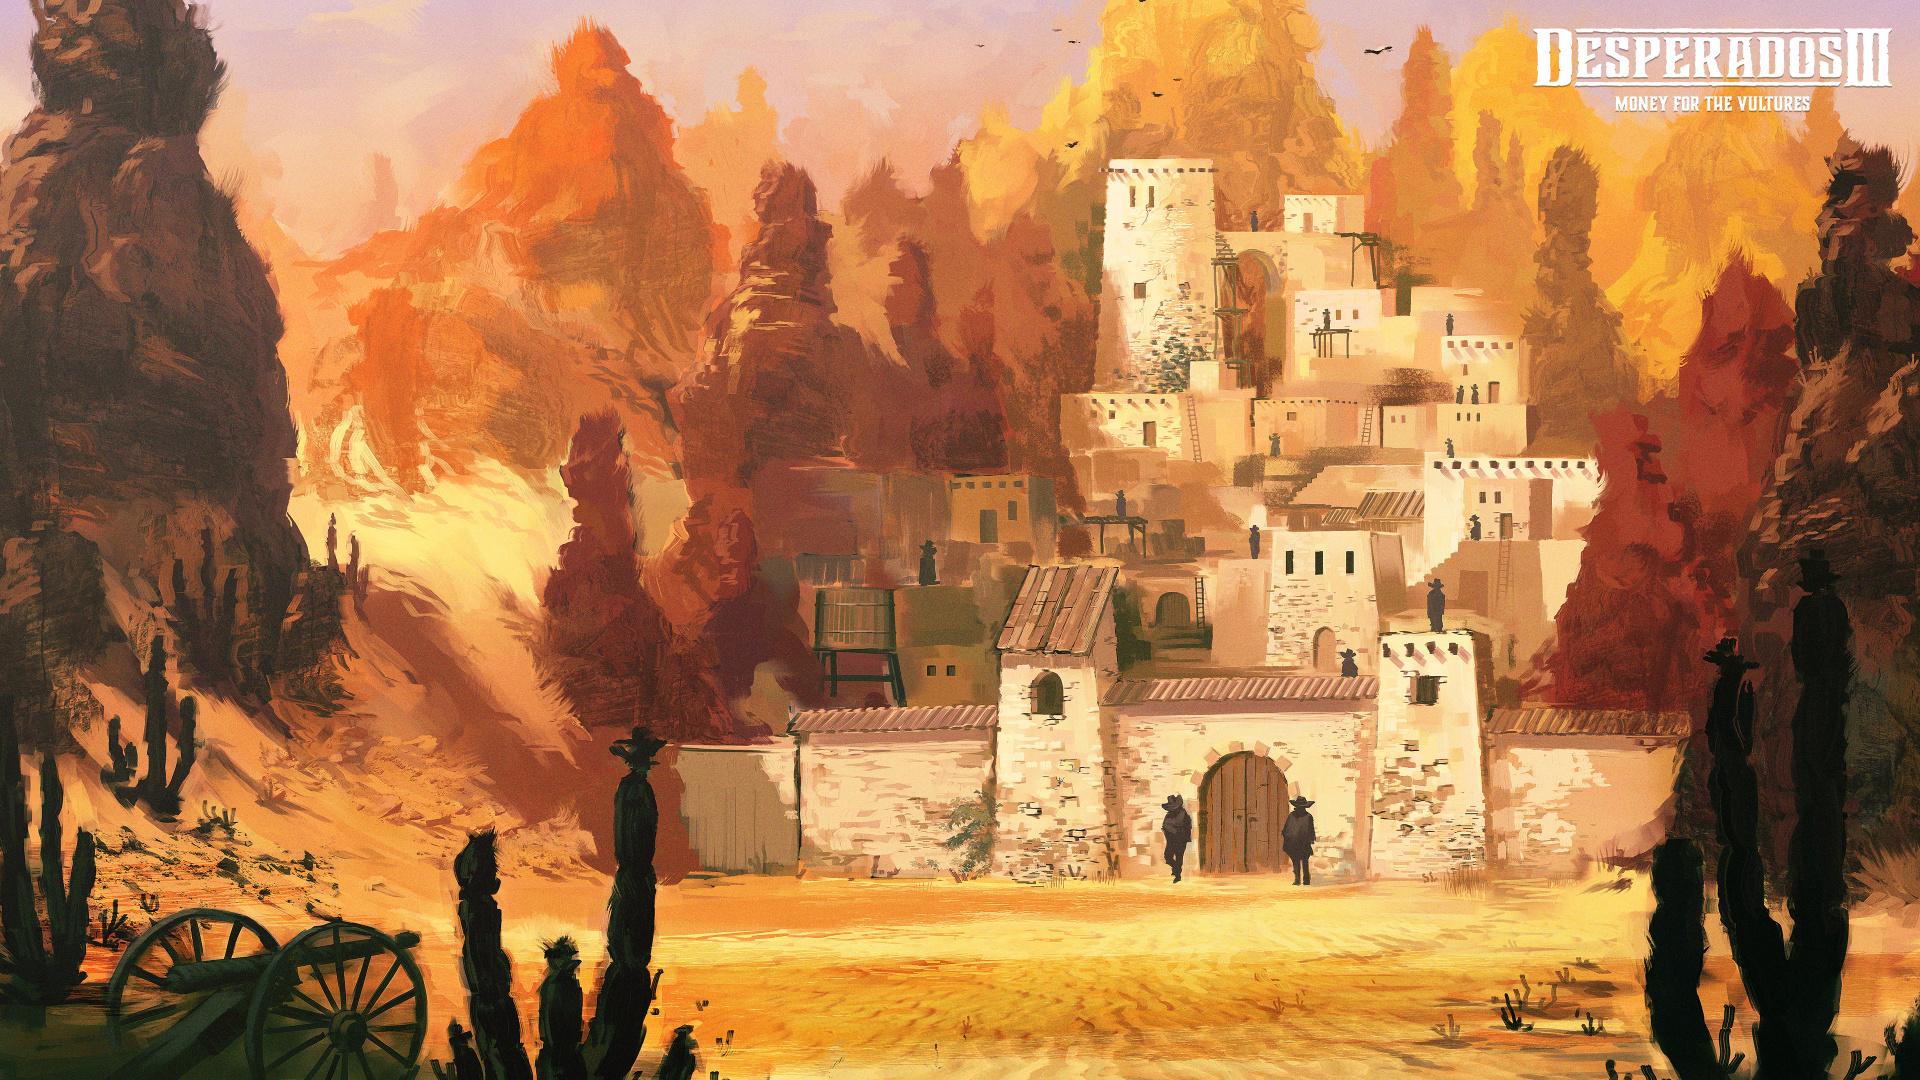 К Desperados III выпустили финальную часть дополнения «Деньги для стервятников»